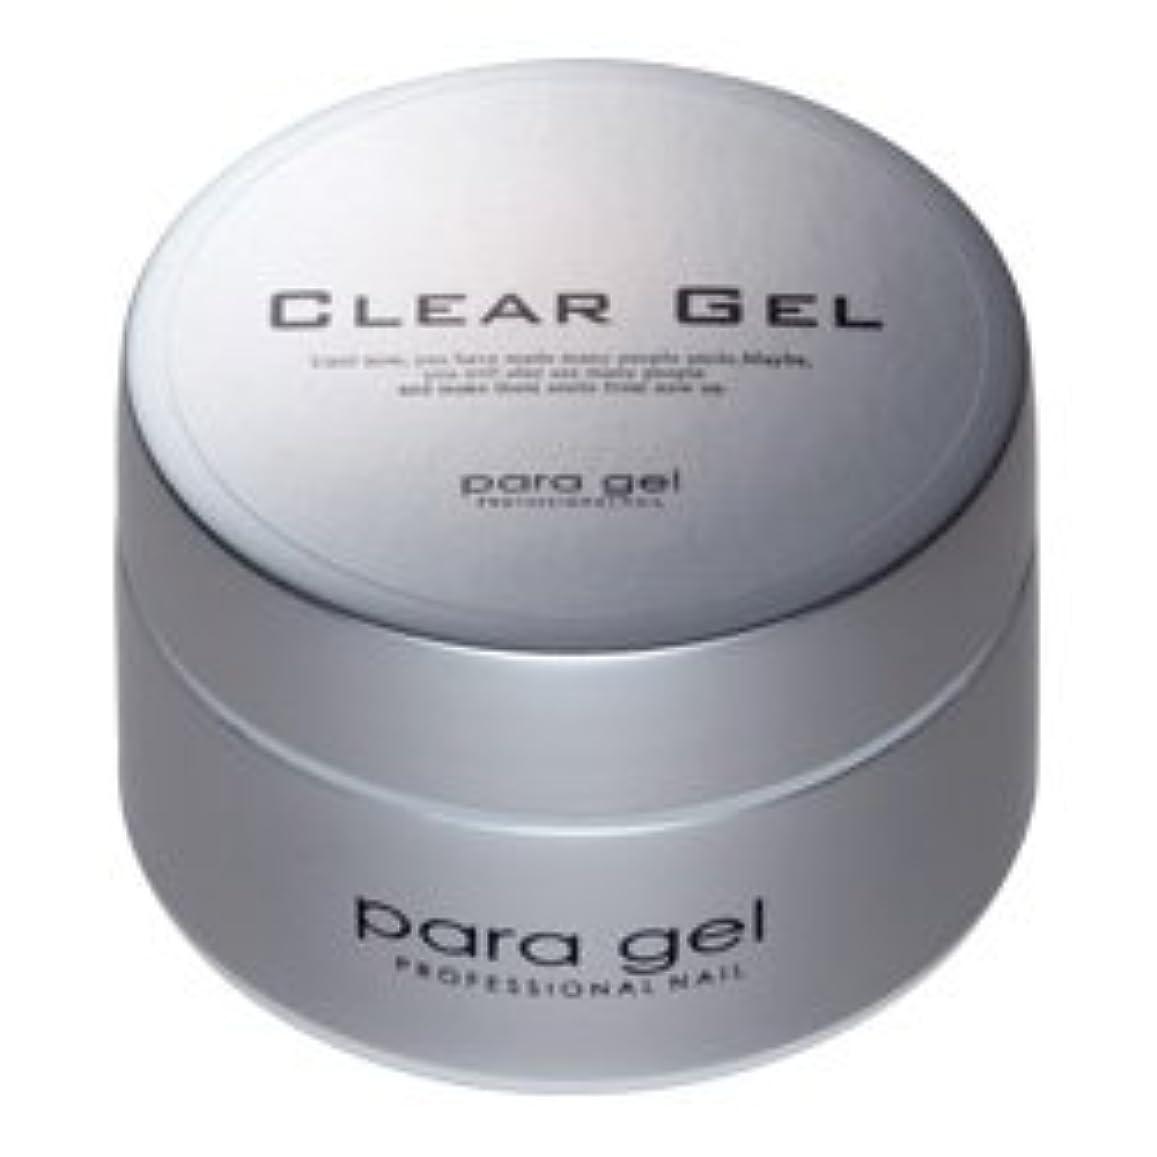 寝具いらいらさせる悲観的★para gel(パラジェル) <BR>クリアジェル 10g